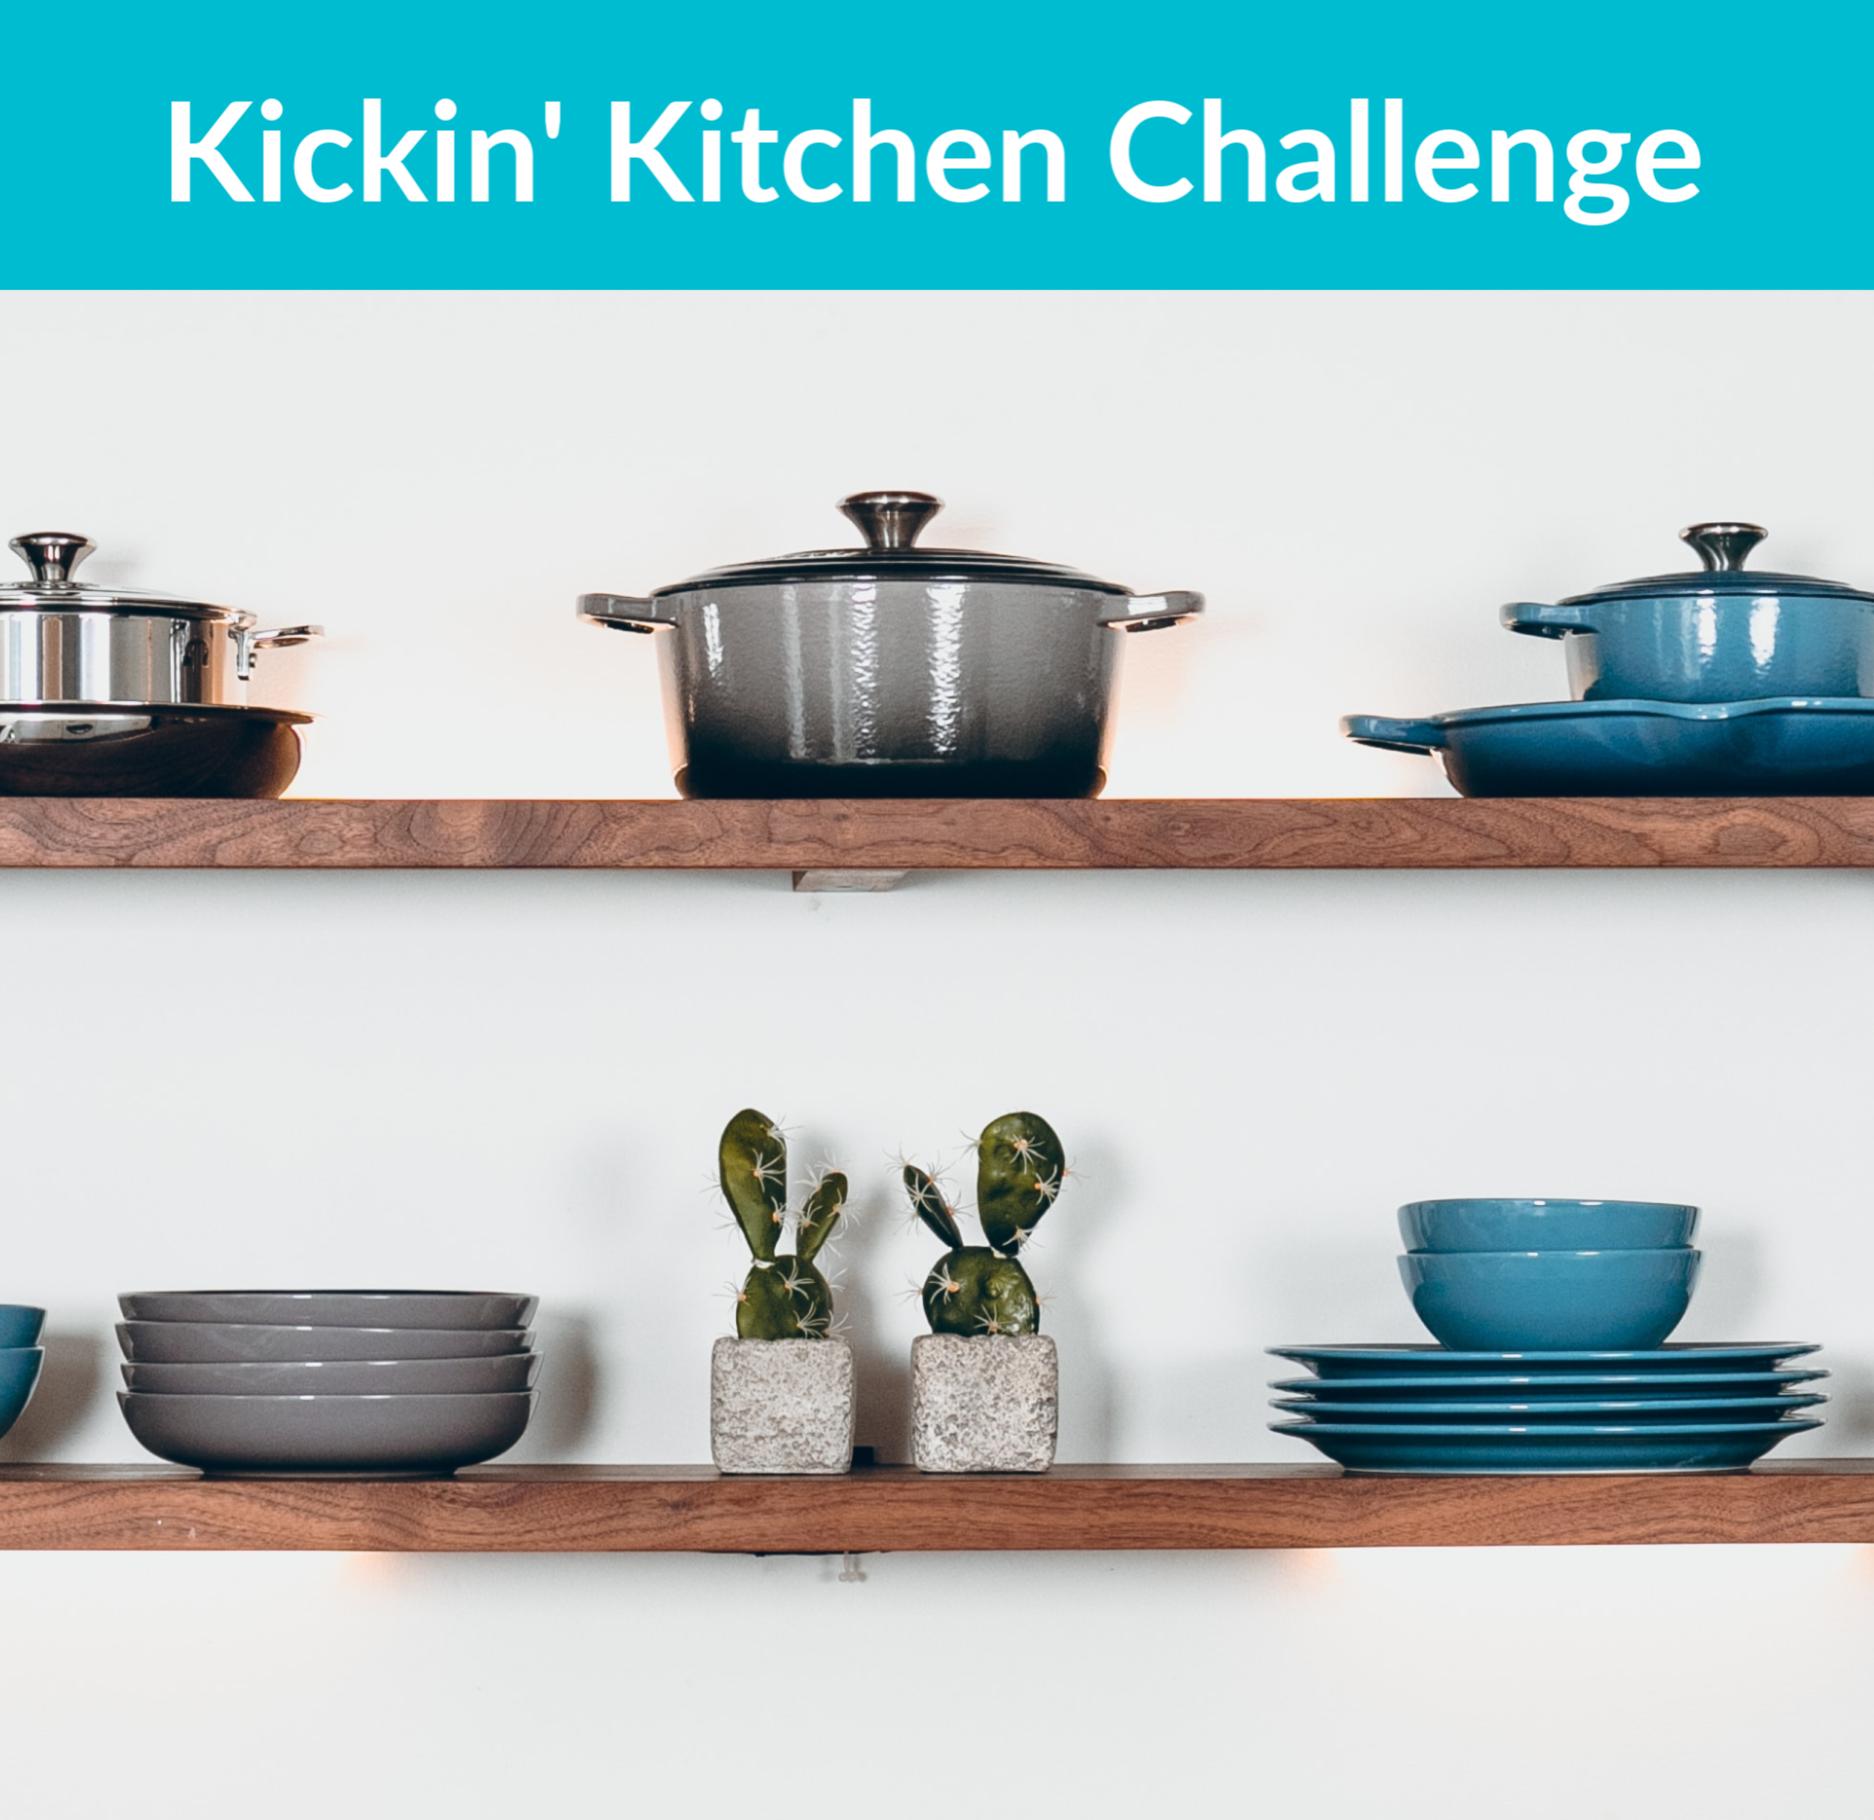 kickin' kitchen challenge